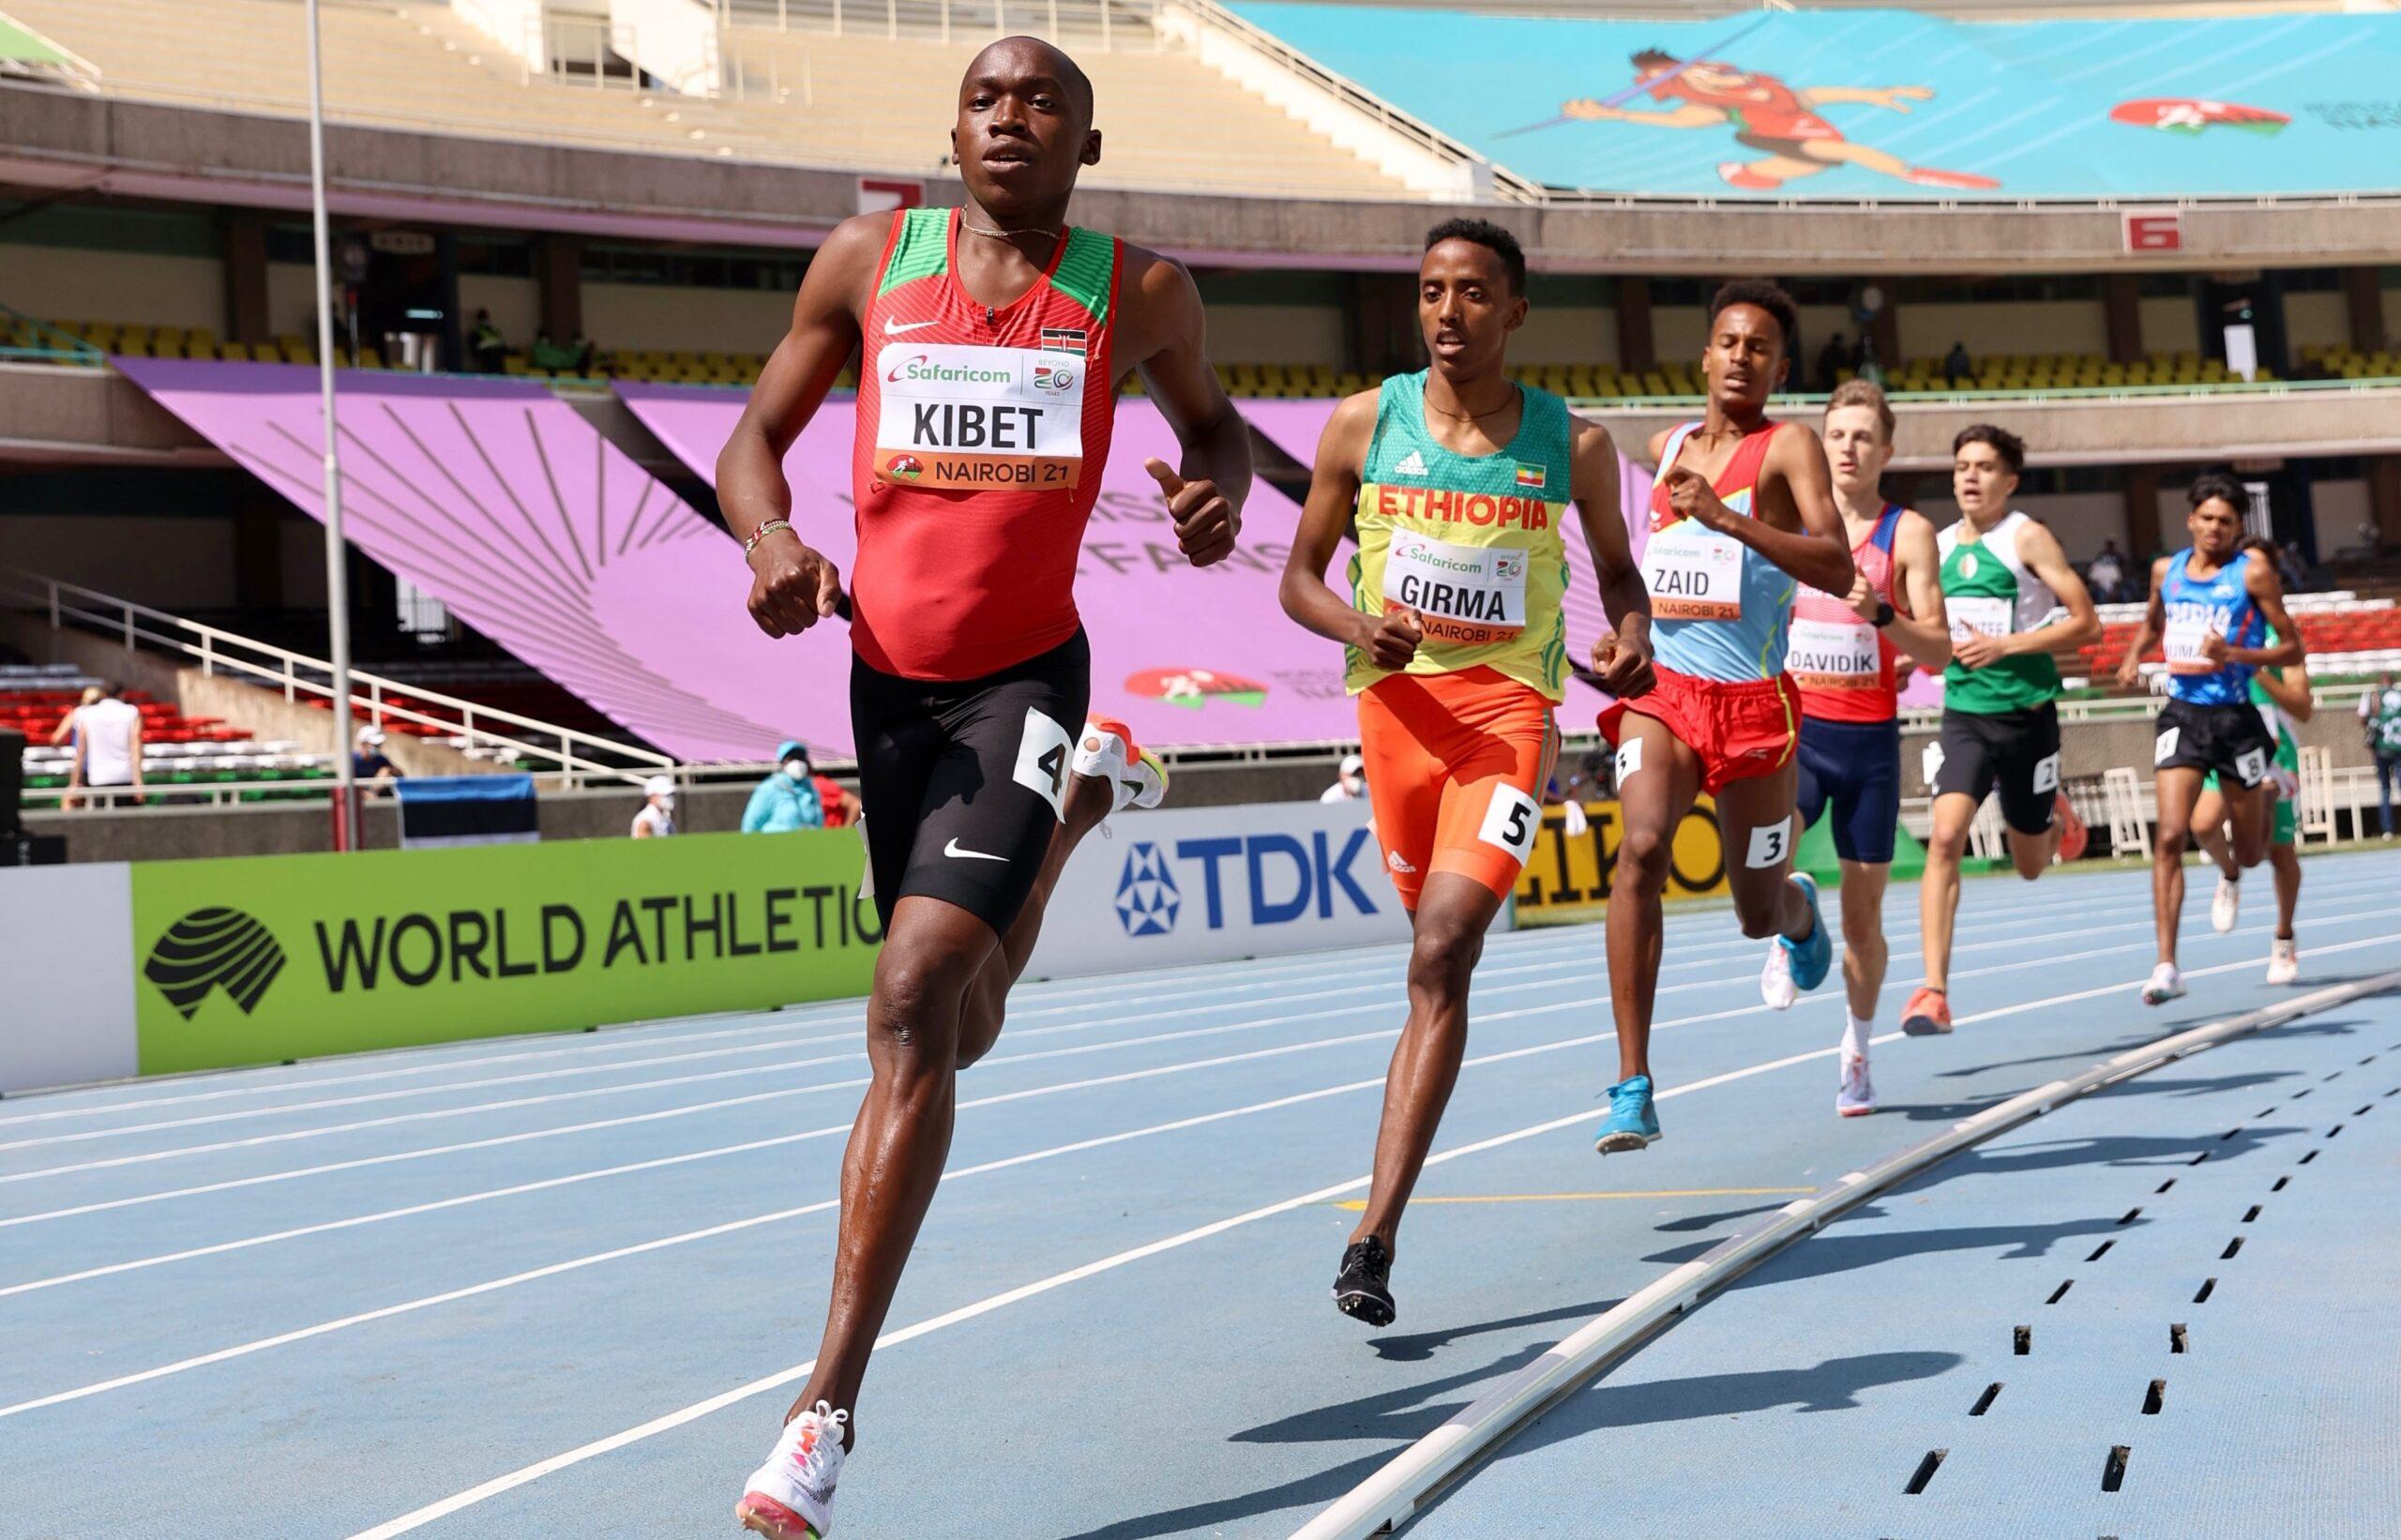 Afrique razzia de médailles Mondiaux U20 athlétisme